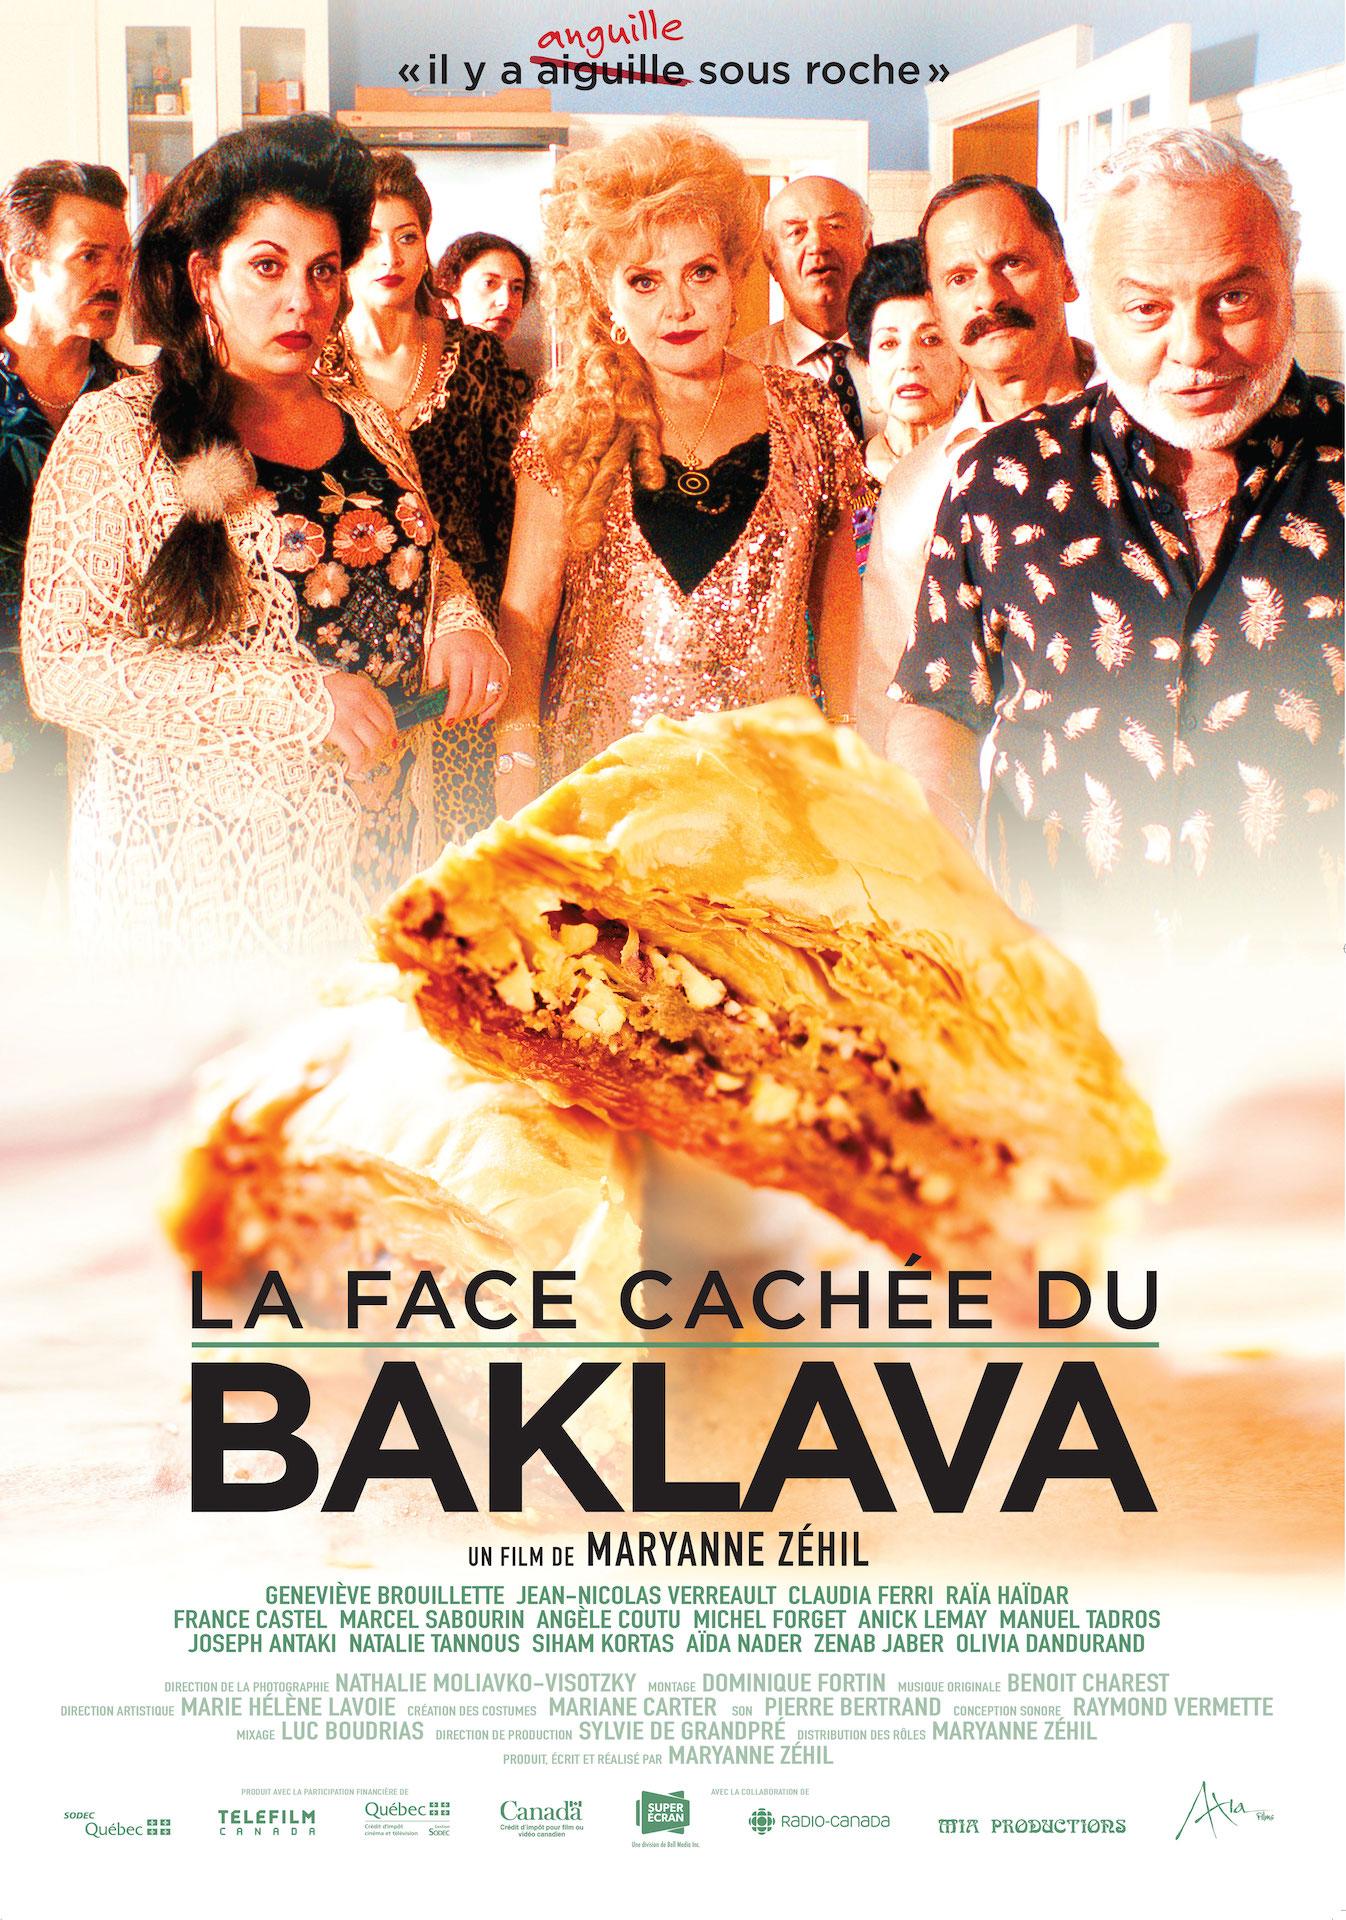 LA FACE CACHÉE DU BAKLAVA